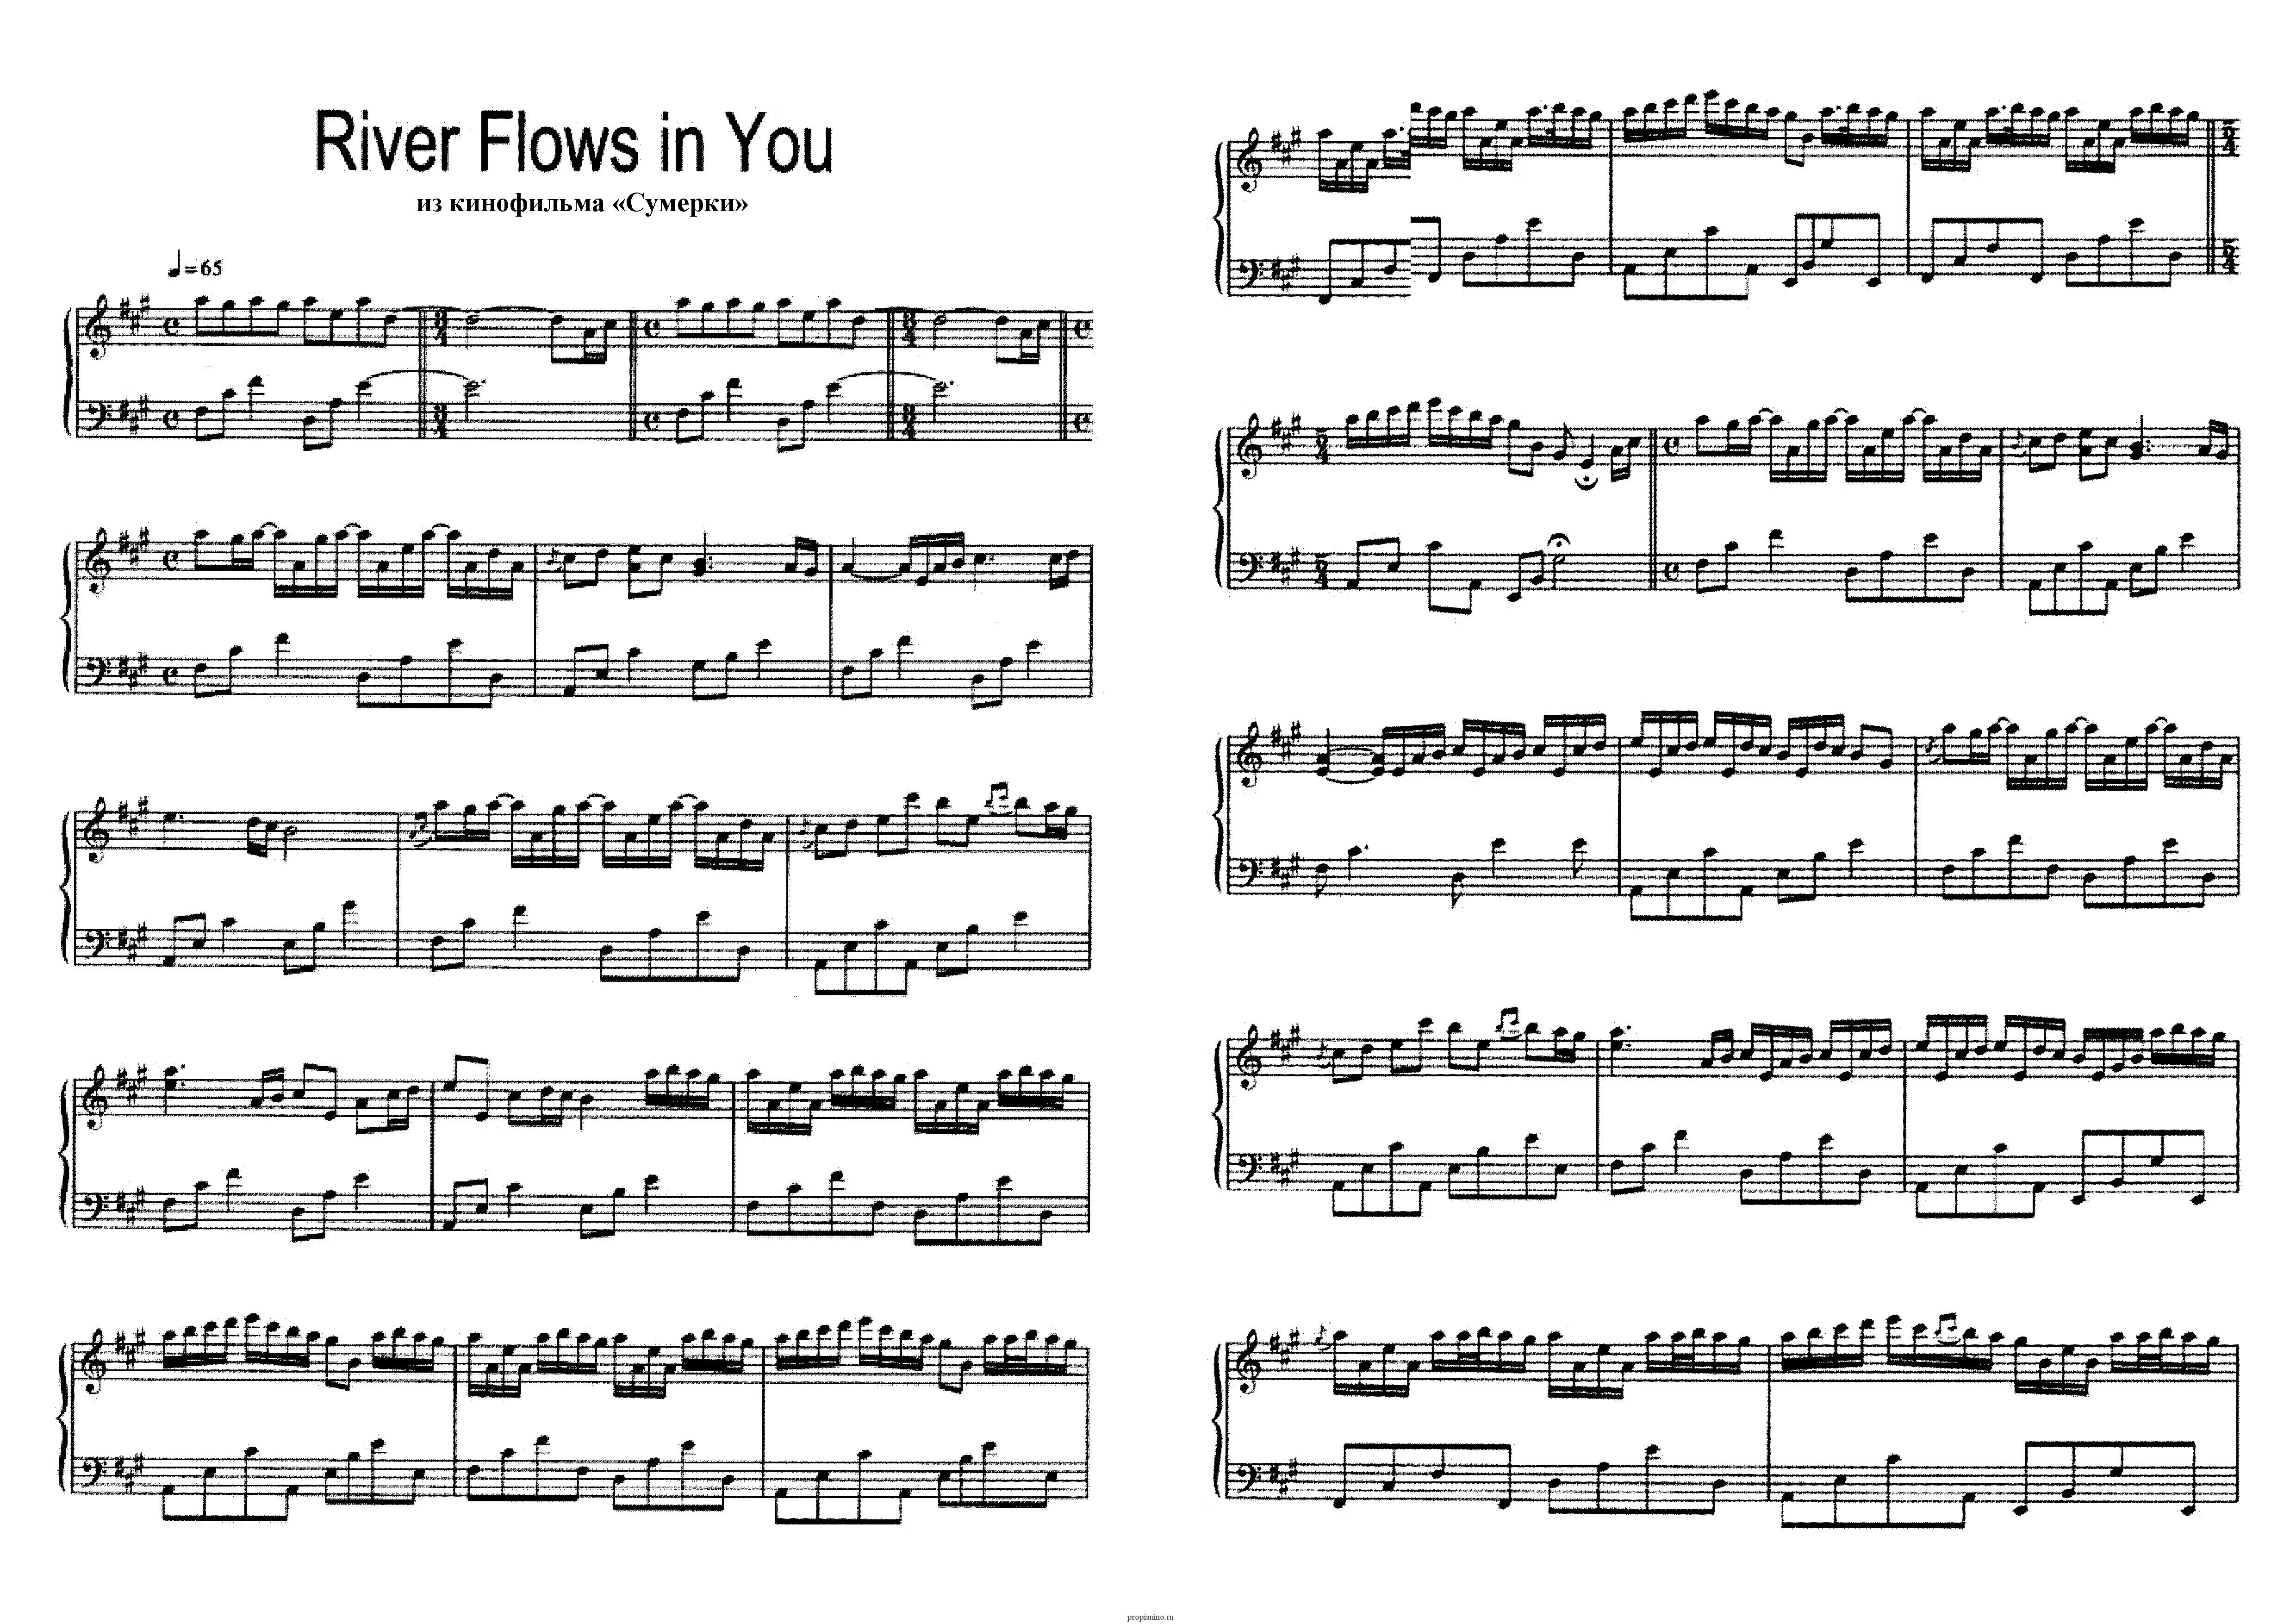 Ноты Для Игры На Пианино Генералы Песчаных Карьеров